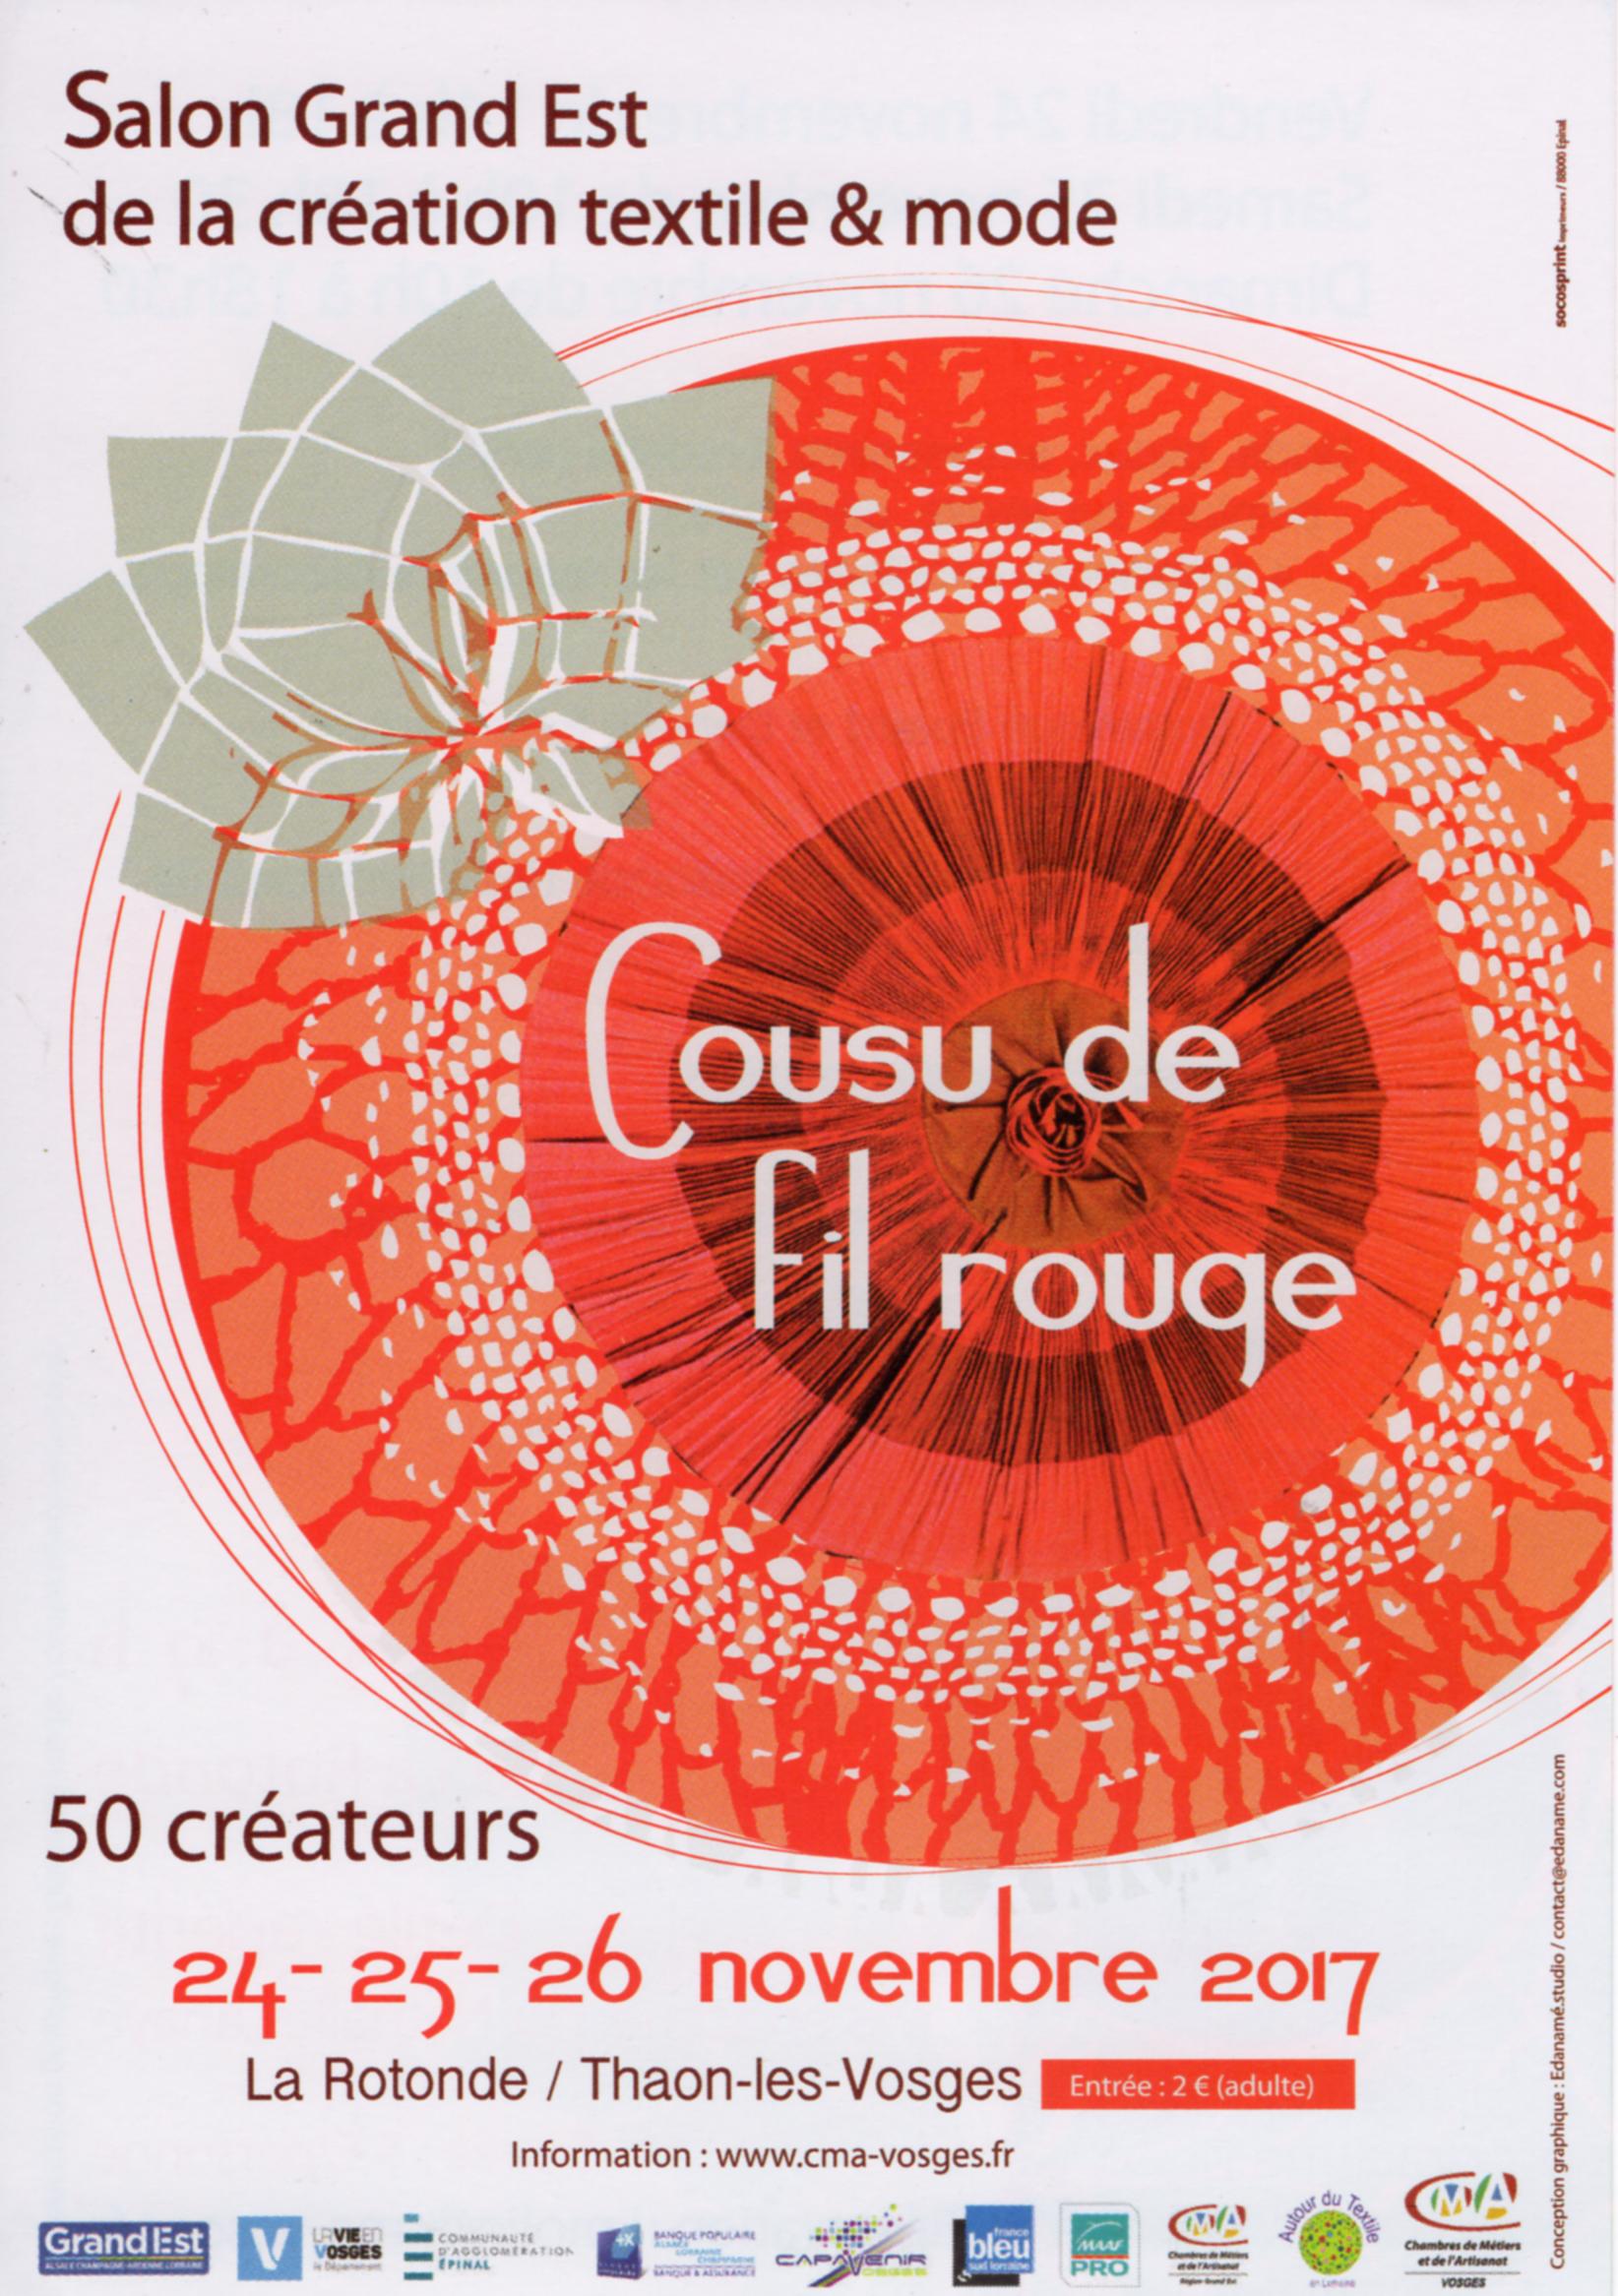 Cousu de fil rouge – Salon des métiers d'art